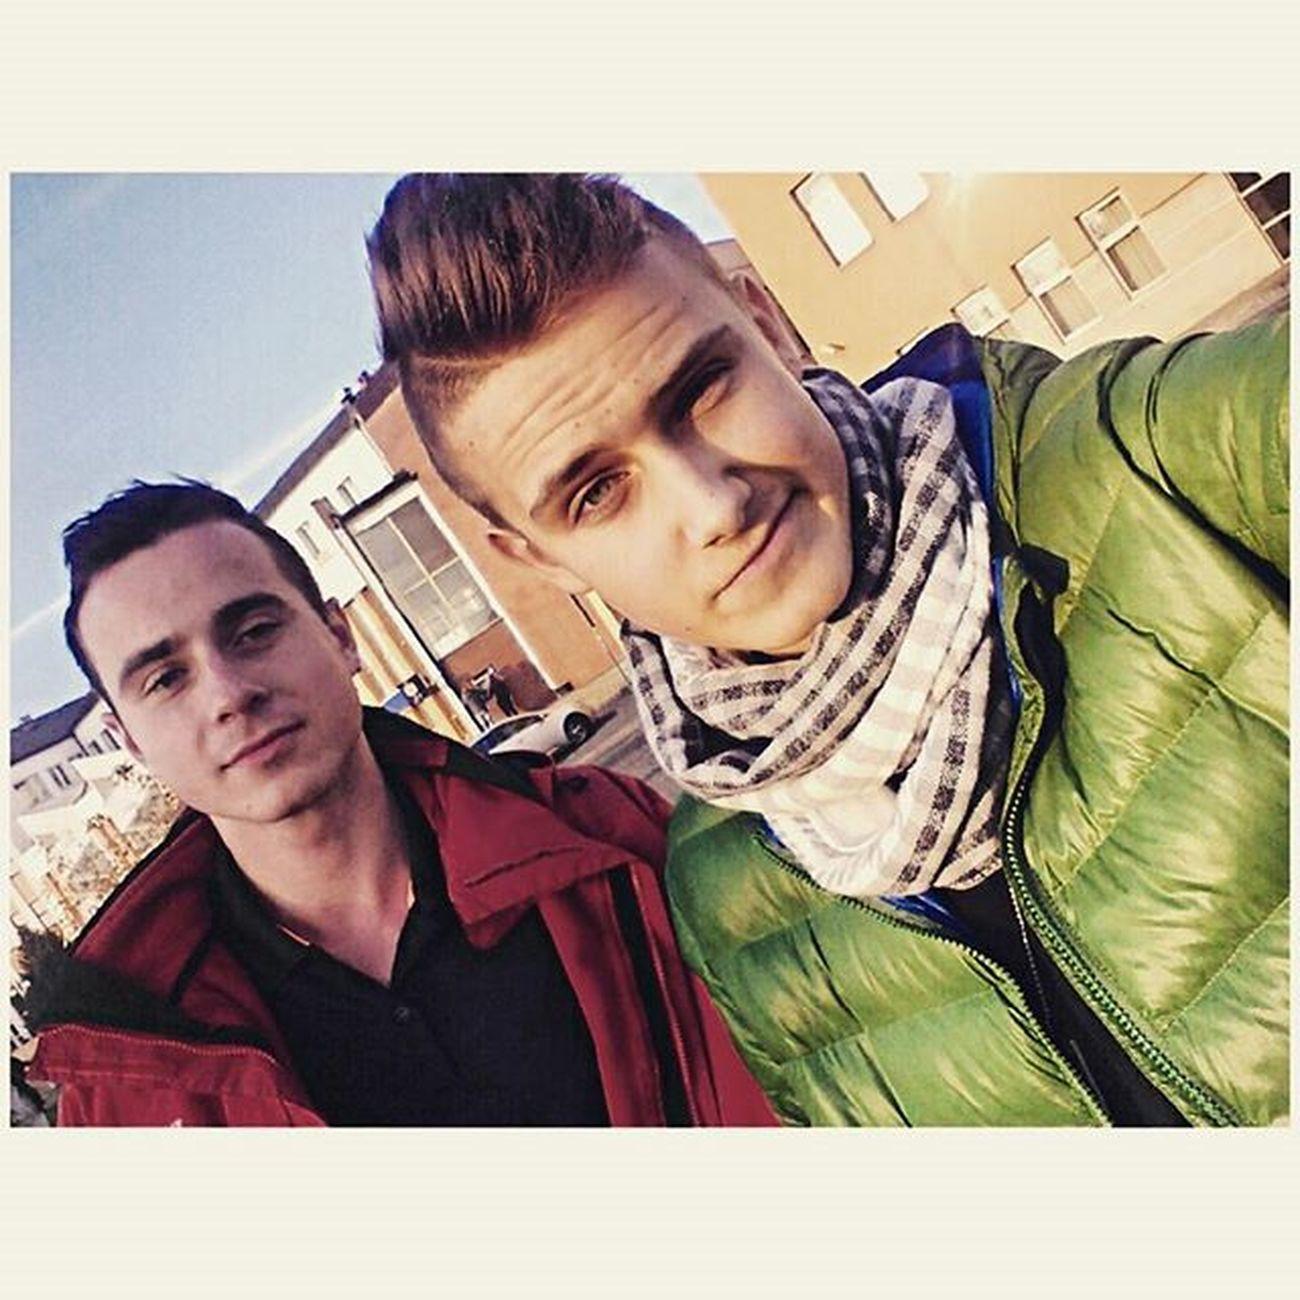 Takie Z Marcin Rodkiewicz Tylko Znicz XD Polishboys Instalike Followers24 Like4like 👌❌🌠